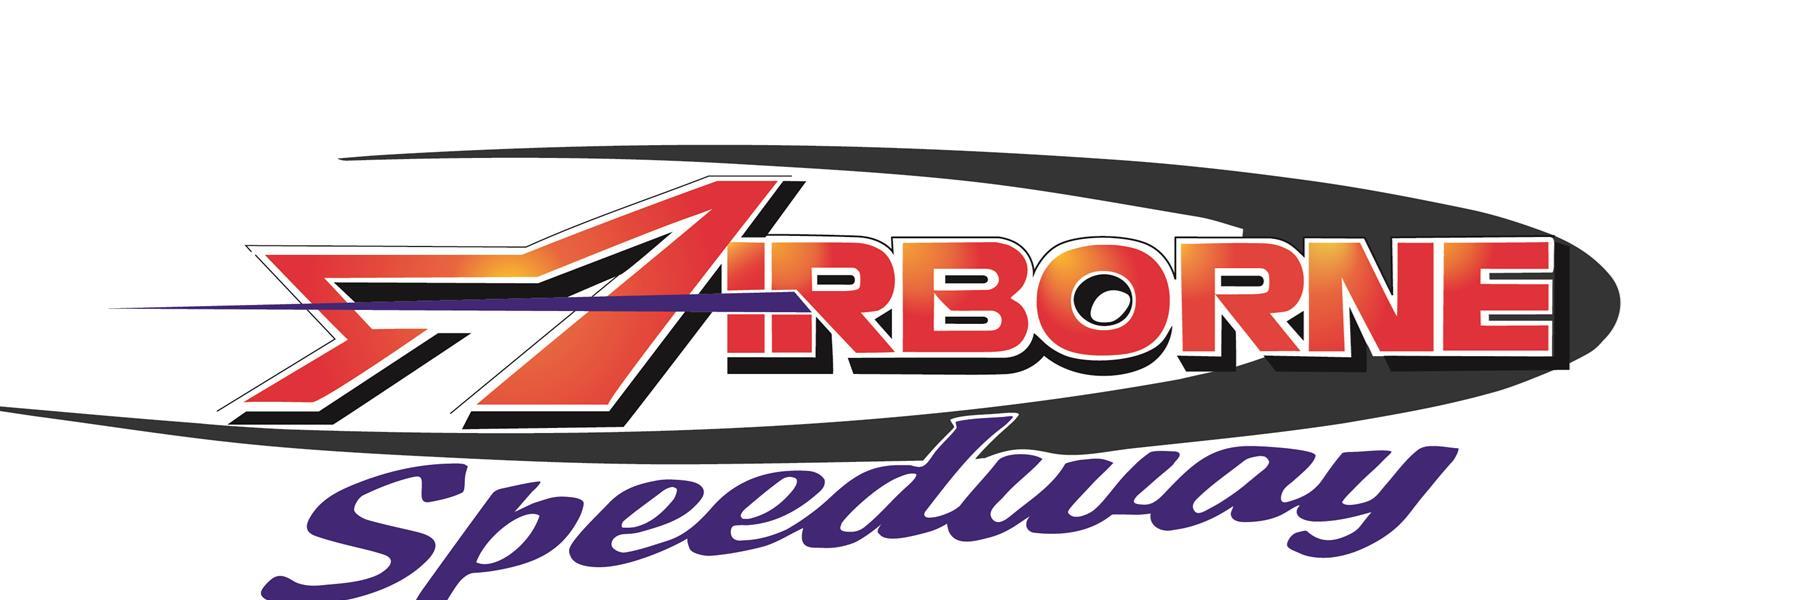 Plattsburgh Airborne Speedway